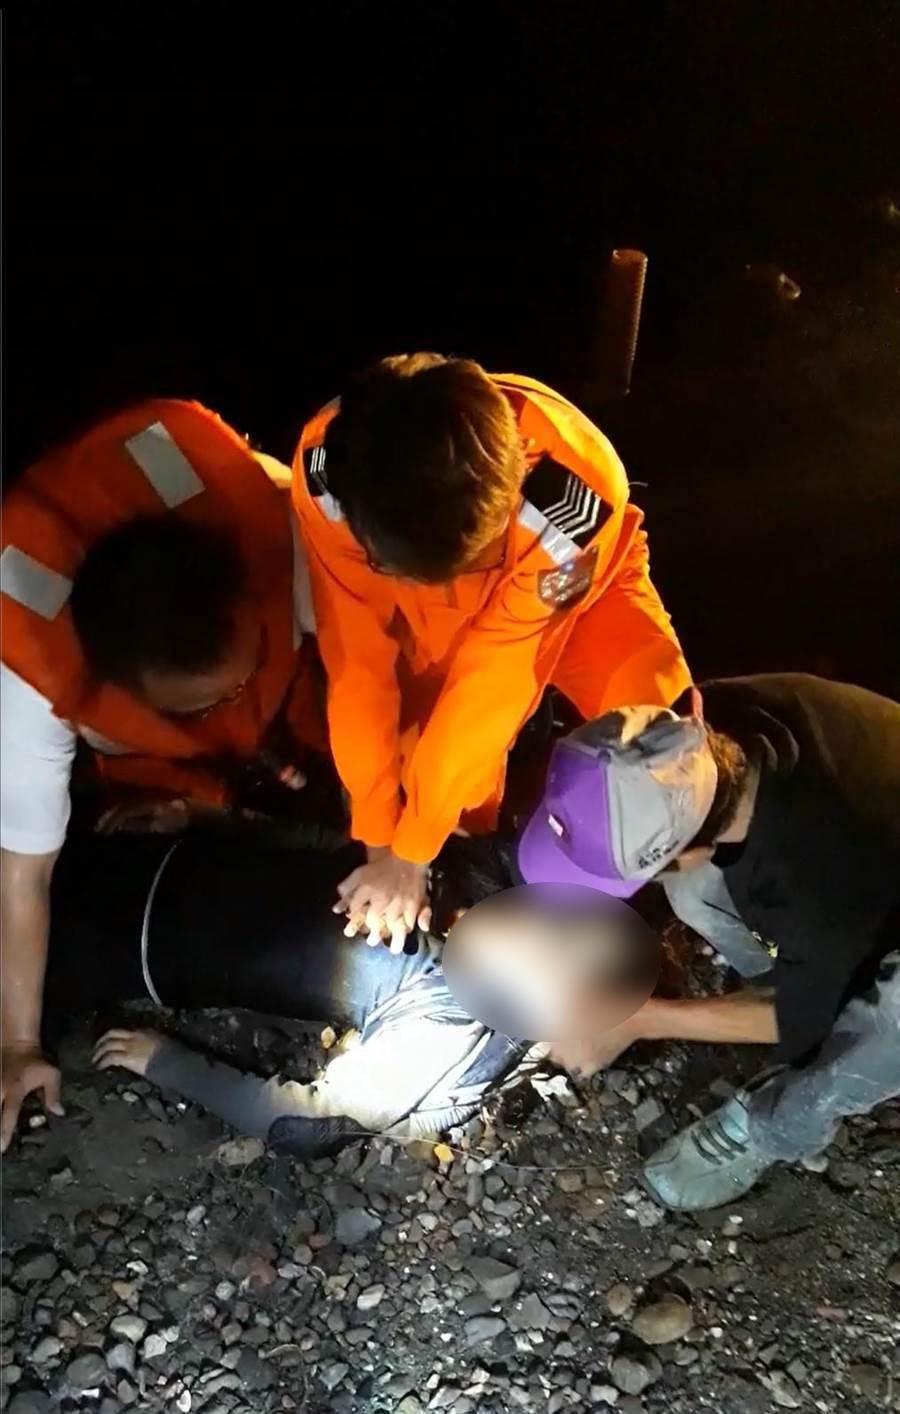 2017年葉姓女子也曾到芳苑輕生,救上岸時搶救10多分鐘才恢復呼吸心跳。(資料照)